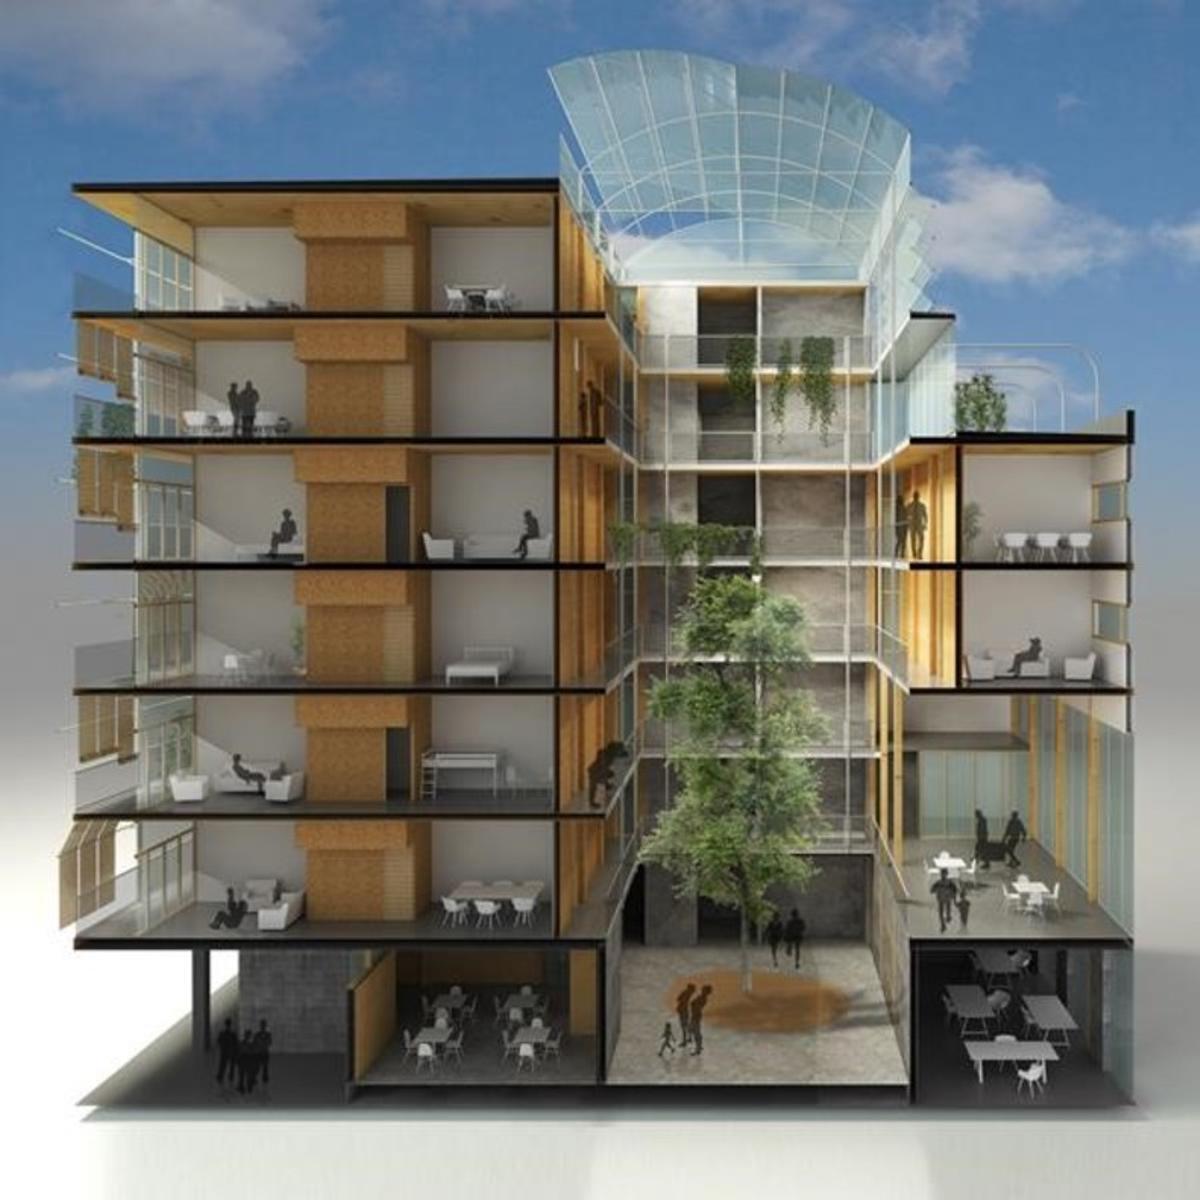 Proyecto de la cooperativa de arquitectos LaCol para 28 viviendas cooperativas en Can Batlló, en La Bordeta. Habrá tres tipologías de piso y tamaño, y amplios espacios comunitarios.